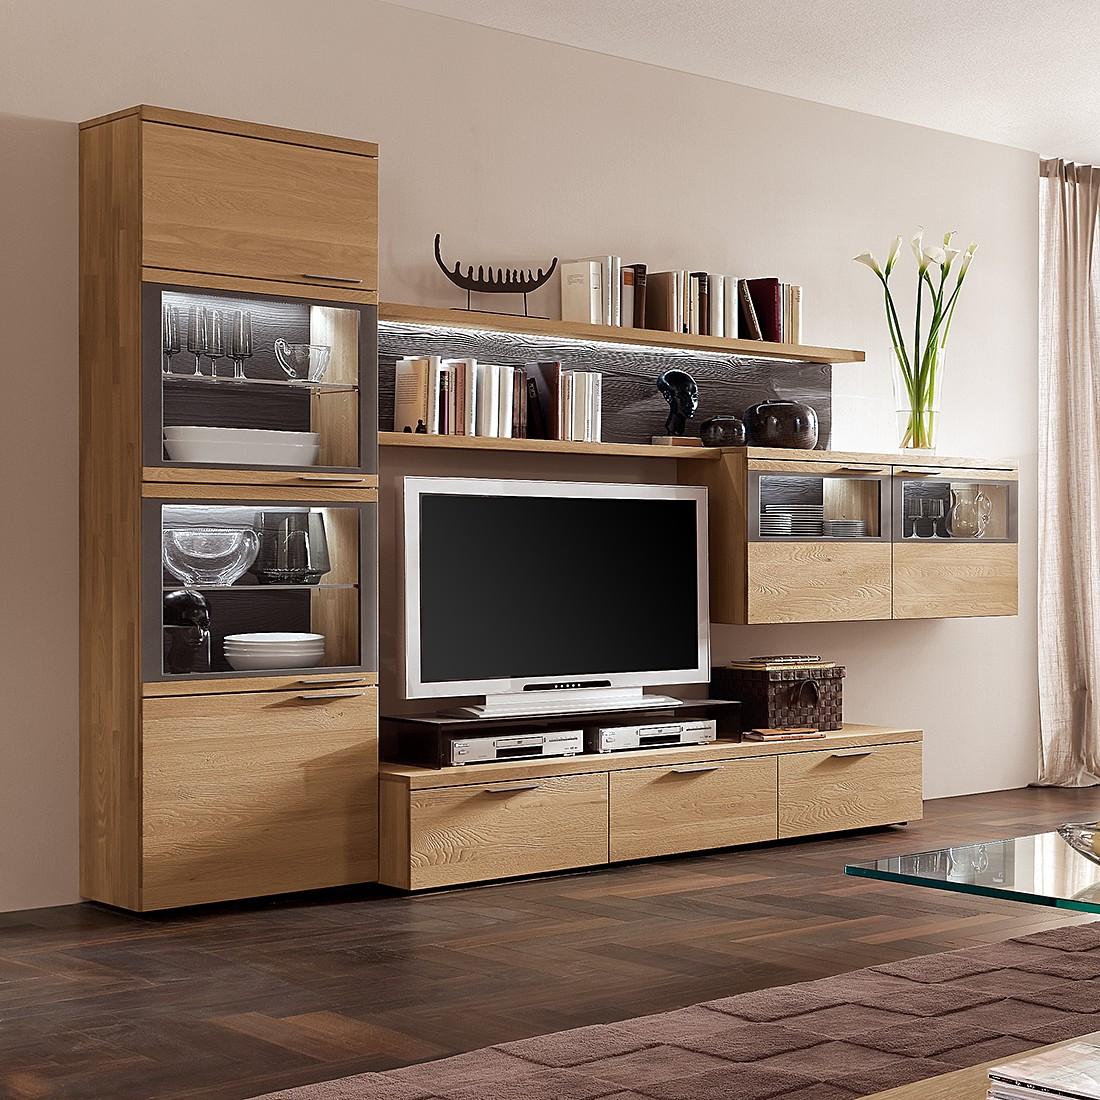 hochbett 1 zimmer wohnung einrichten. Black Bedroom Furniture Sets. Home Design Ideas